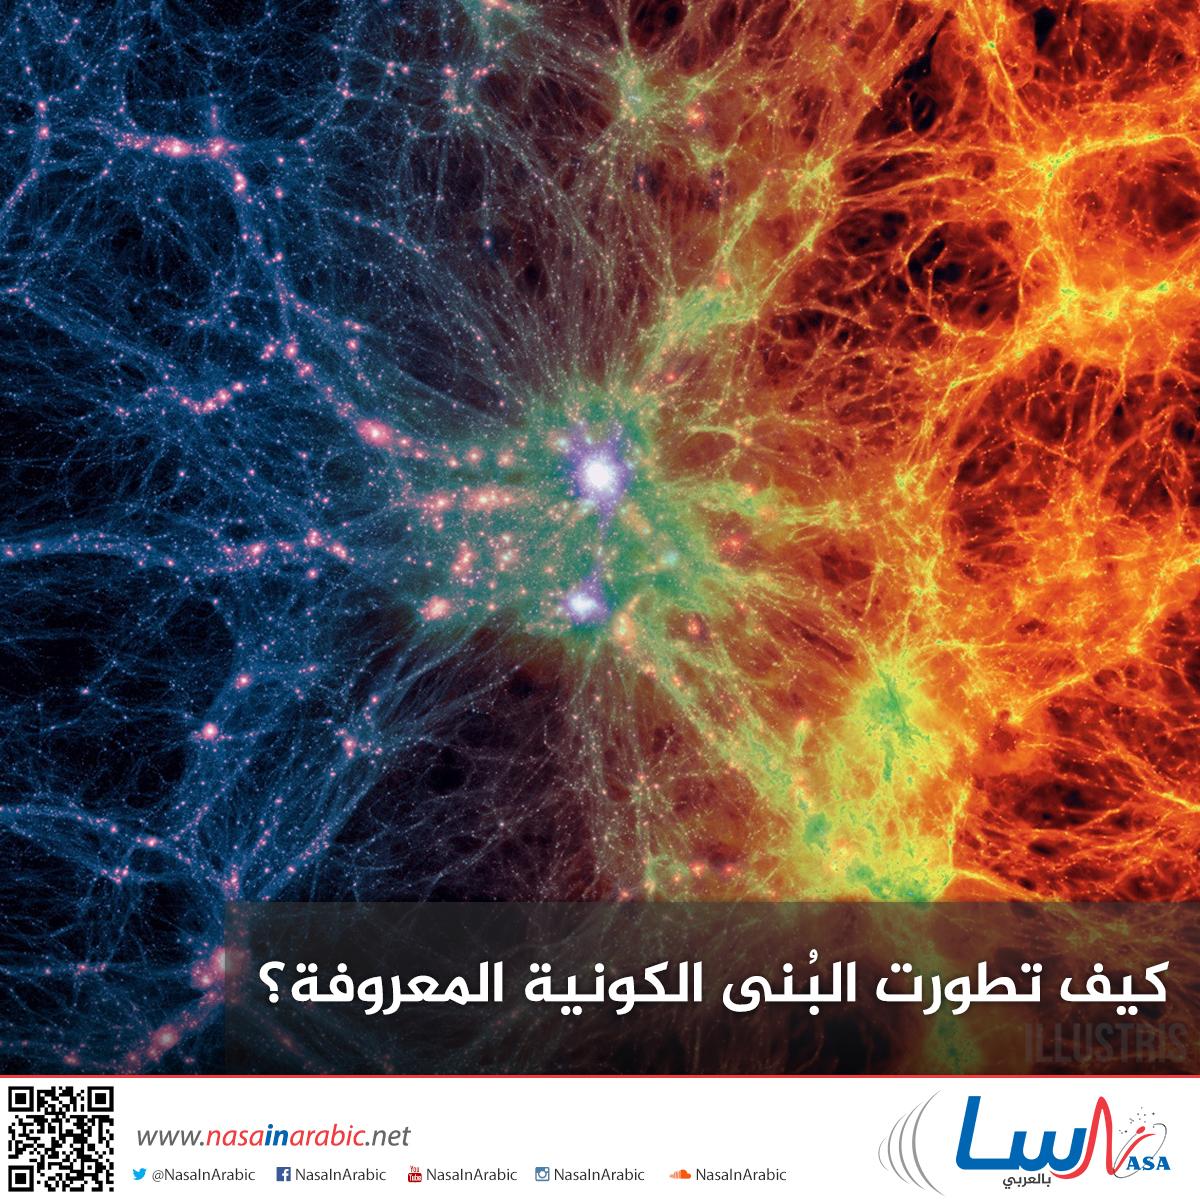 كيف تطورت البُنى الكونية المعروفة؟